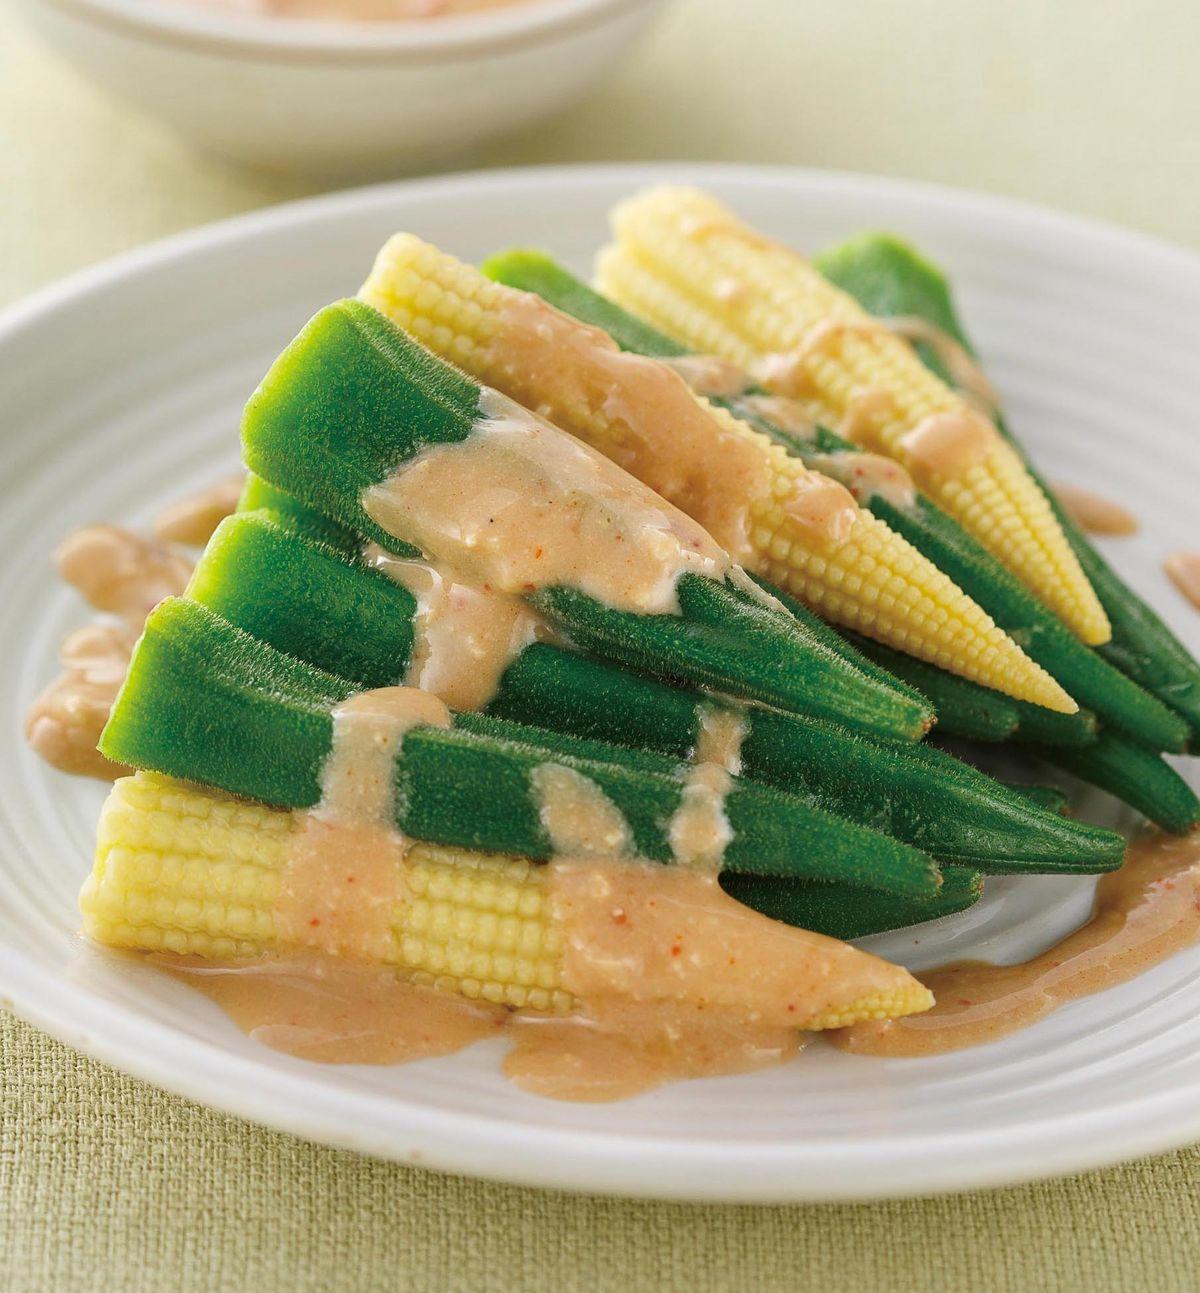 食譜:豆腐乳辣醬玉米筍秋葵